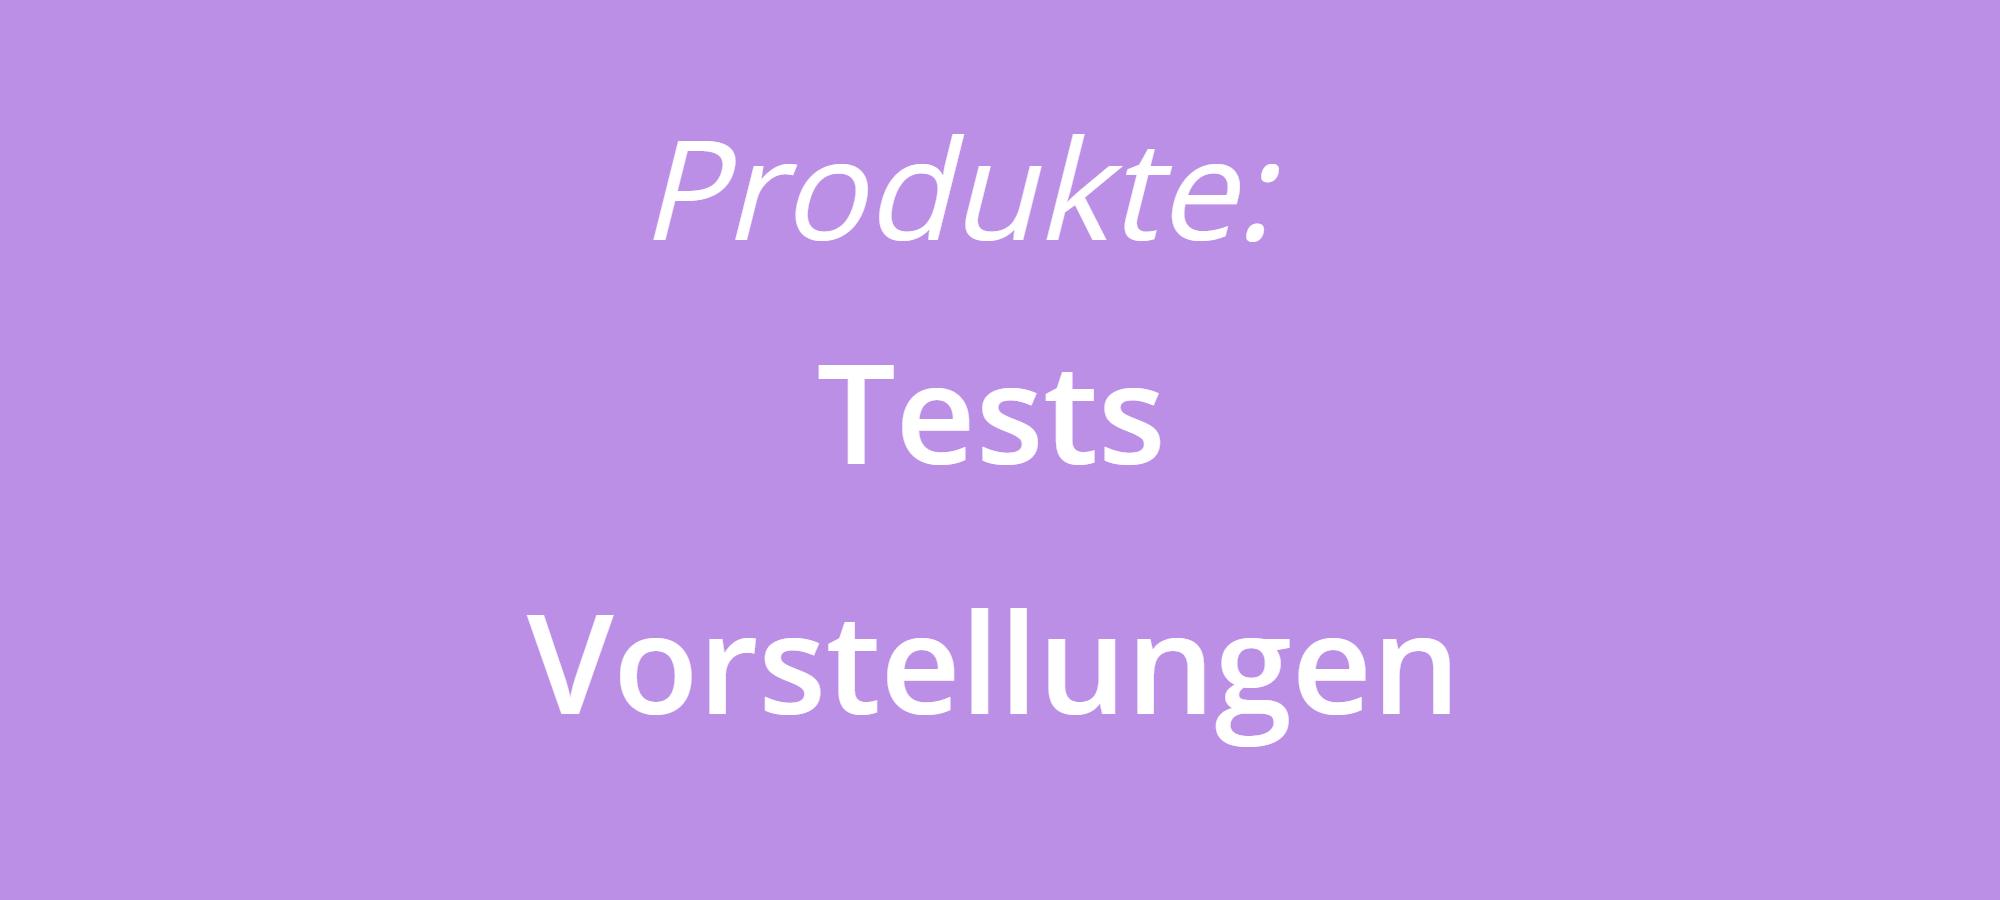 Produkttests und -vorstellungen